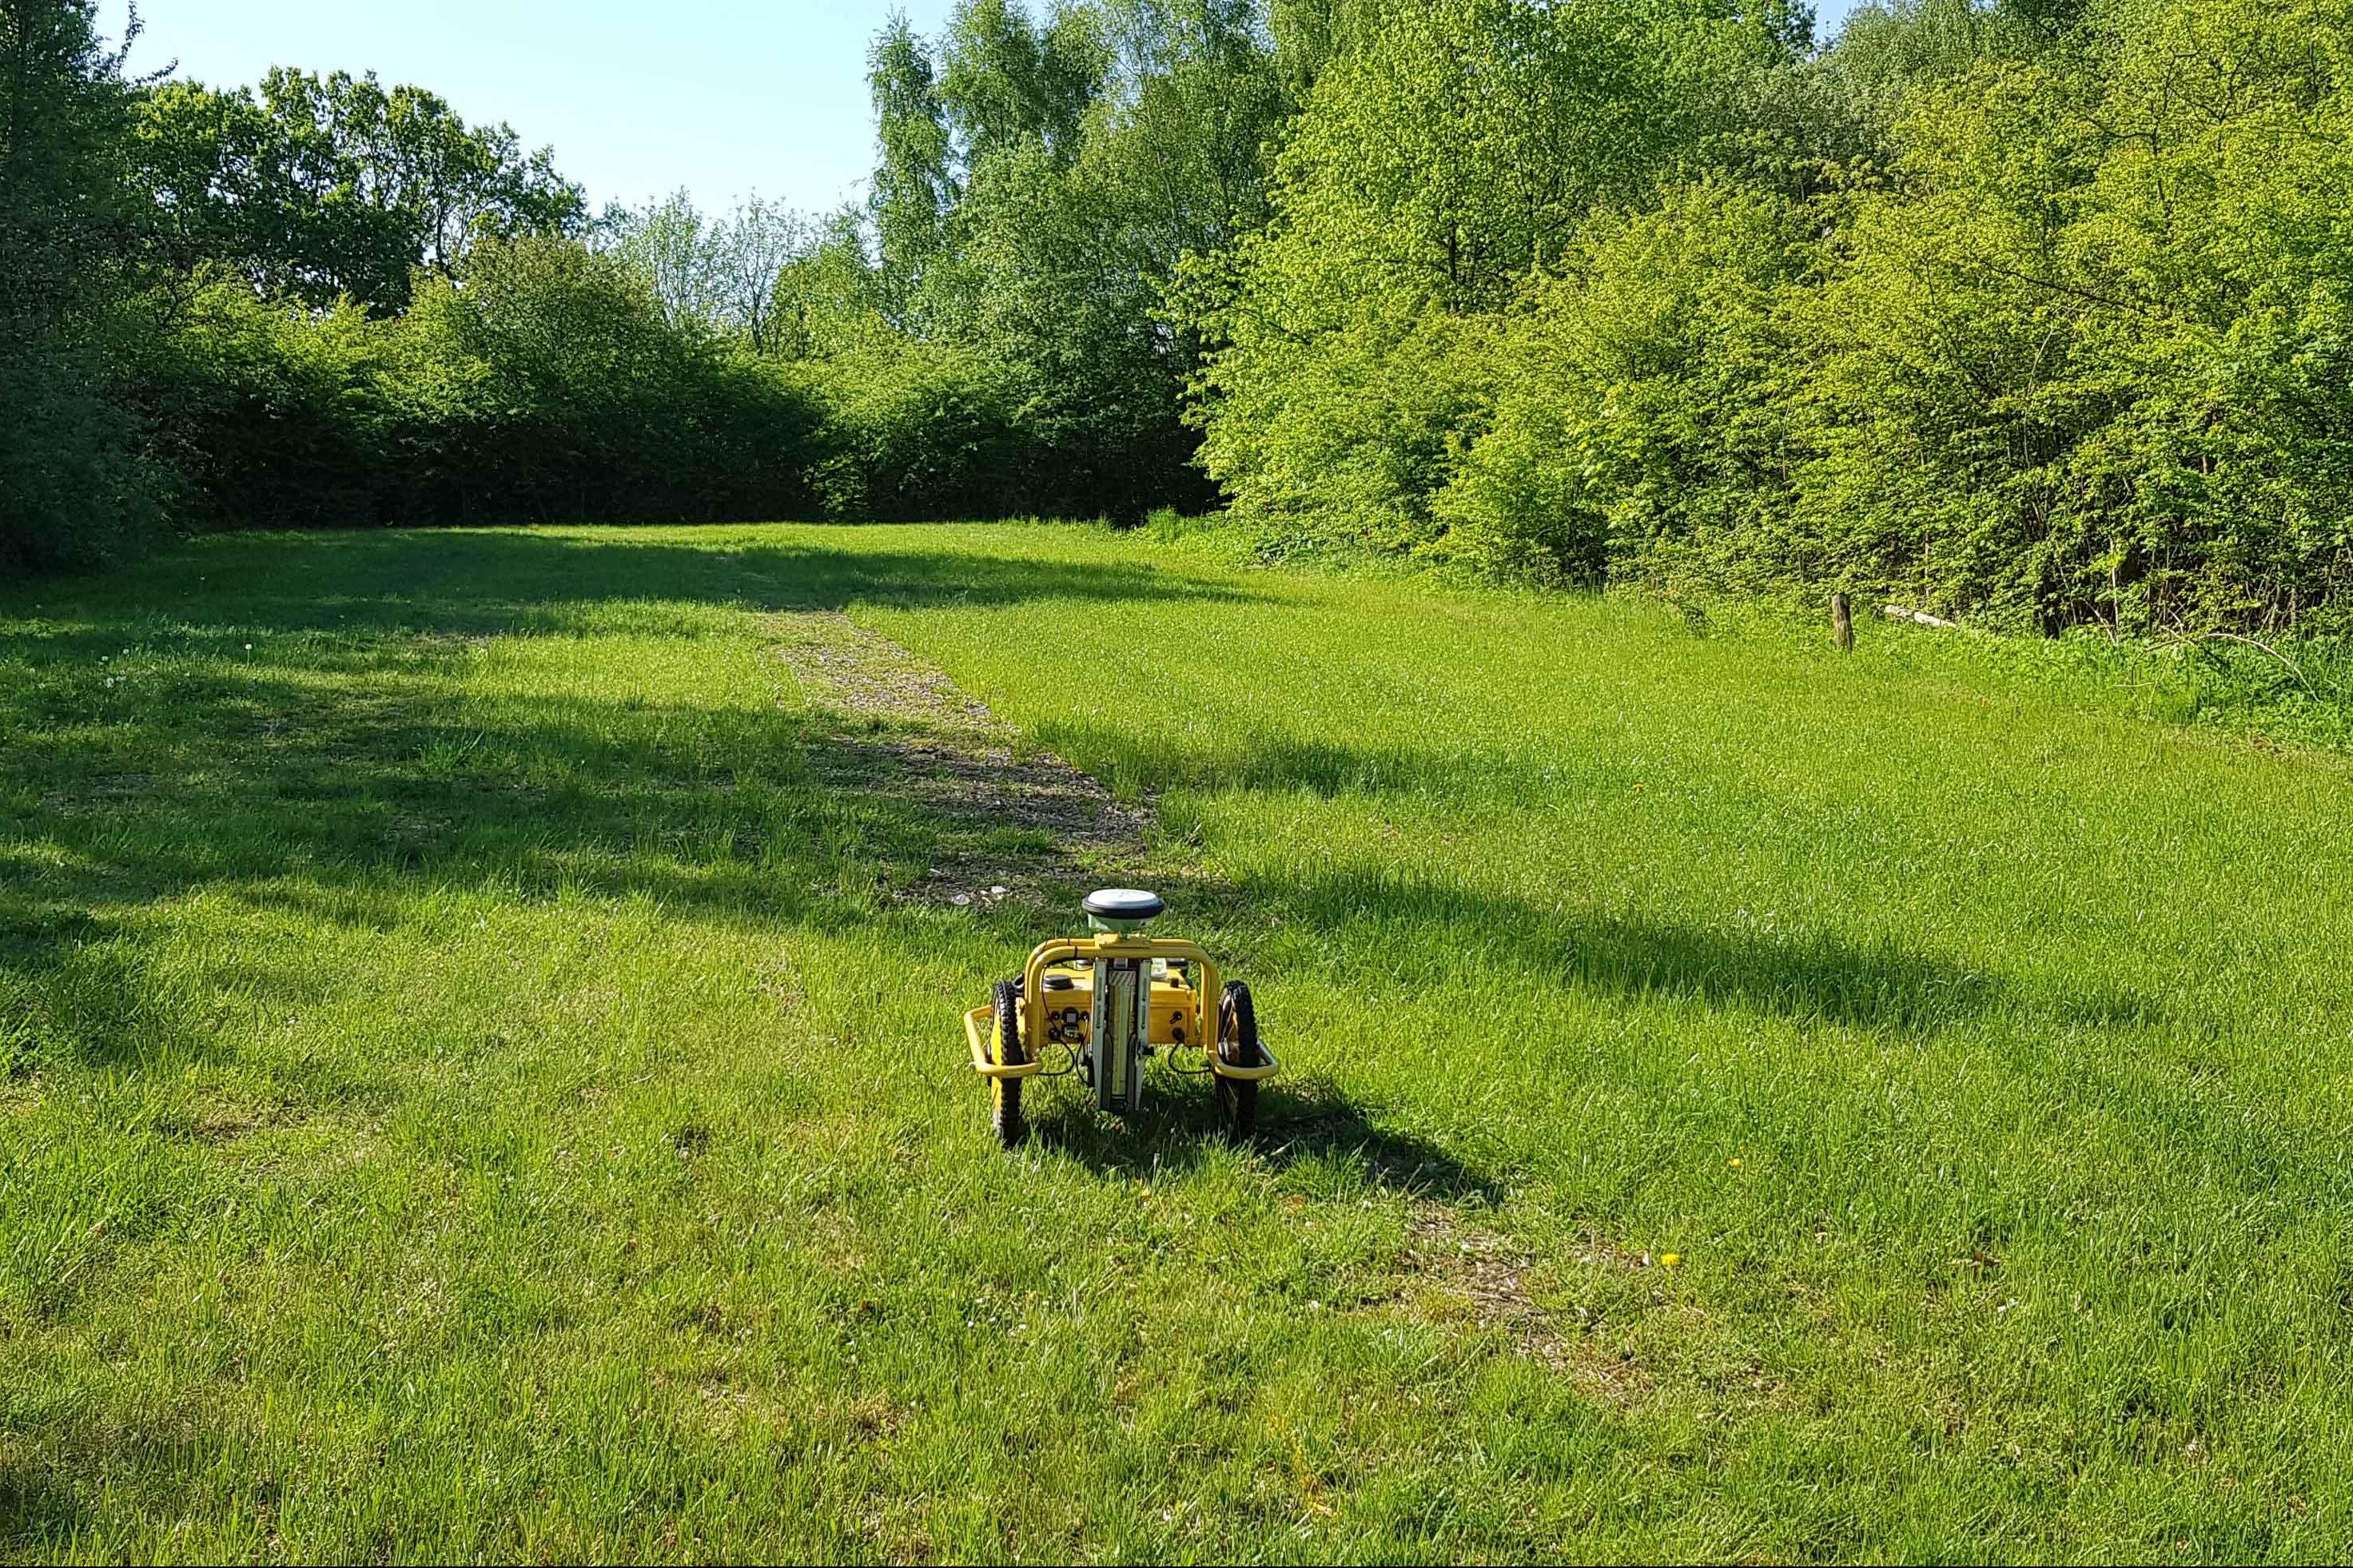 Landmåling | Afsætning | Landmålingsrobot | Landskab